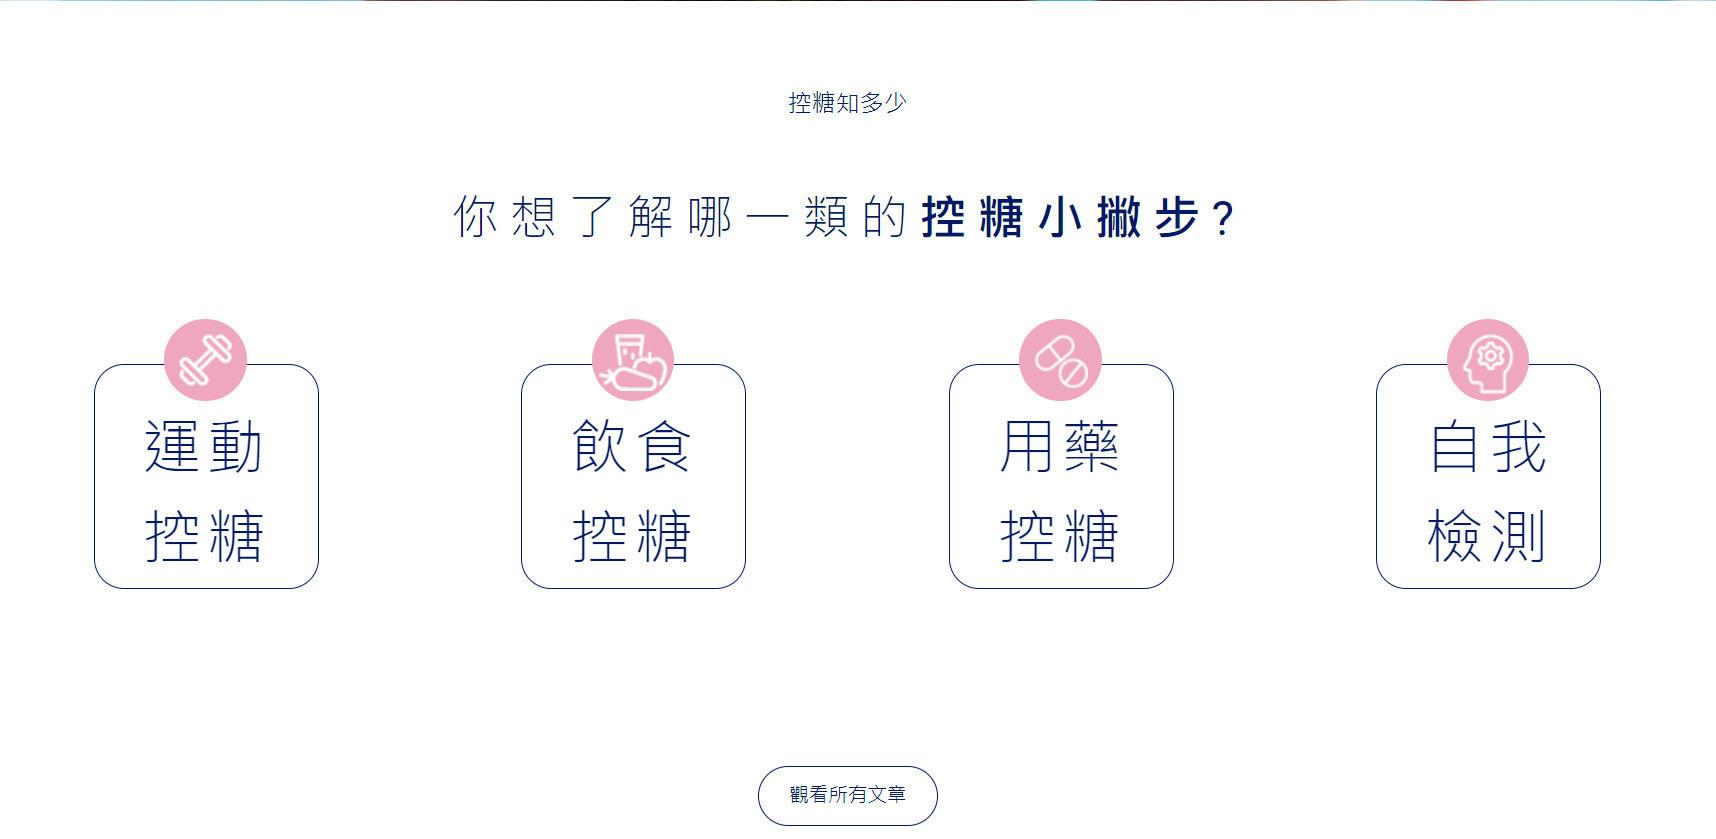 台北SEO網頁設計成功案例-你七了沒糖尿病知識網|鯊客科技SEO優化網站設計成功案例